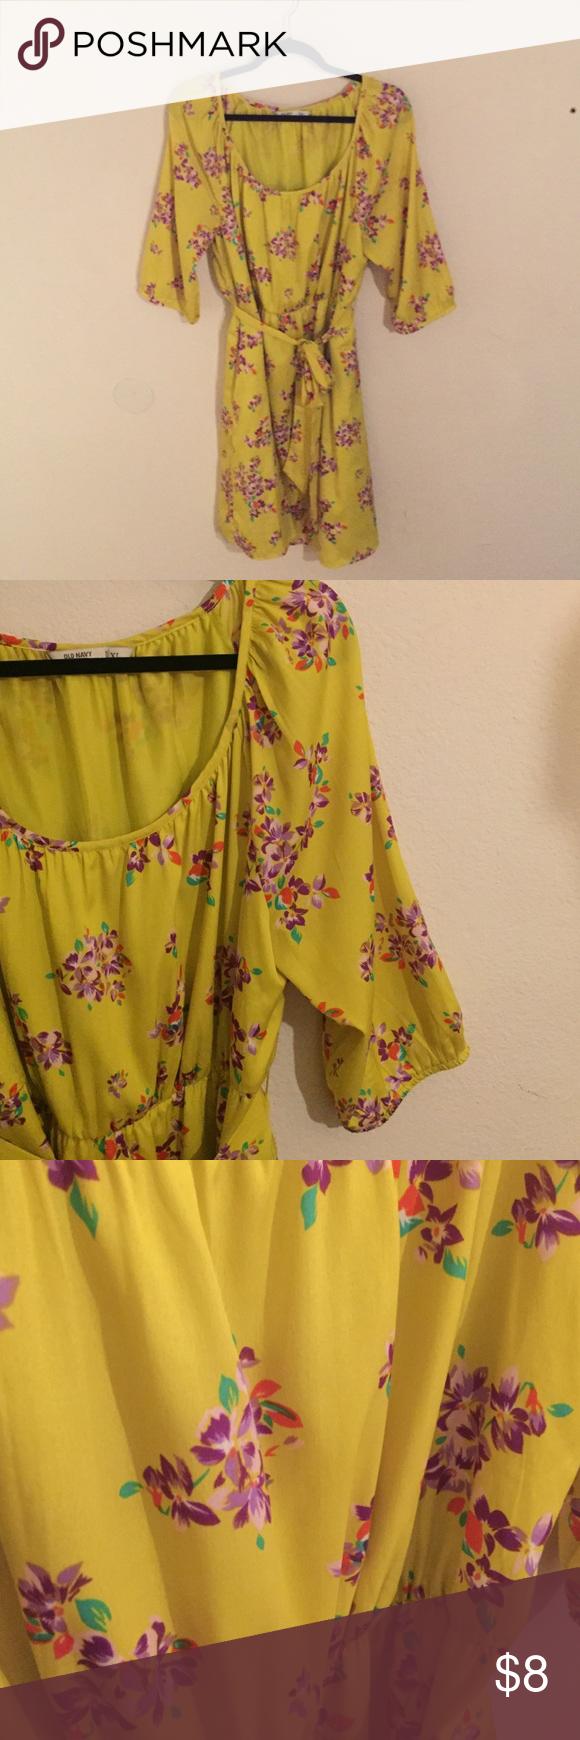 On yellow waist tie dress with purple flowers tie dress yellow on yellow waist tie dress with purple flowers mightylinksfo